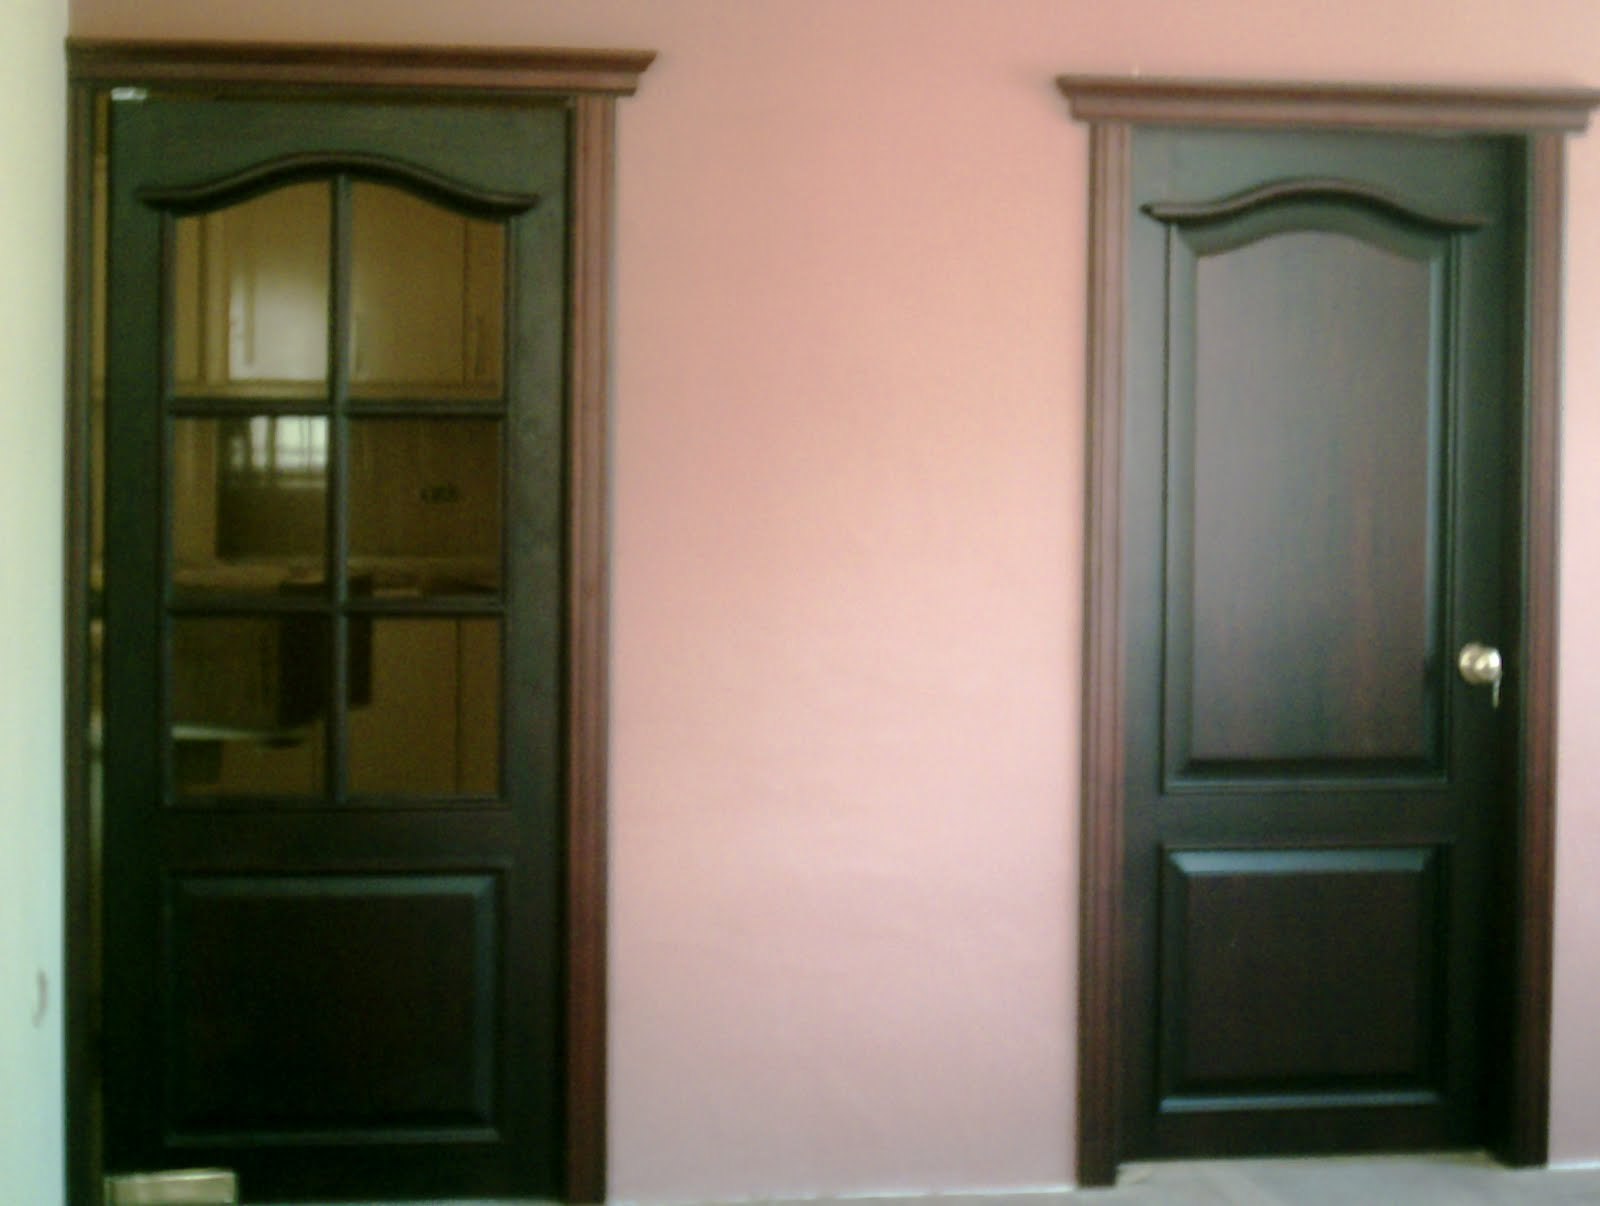 Ideatumobiliario puertas interiores y exteriores para su for Puertas de madera para dormitorios